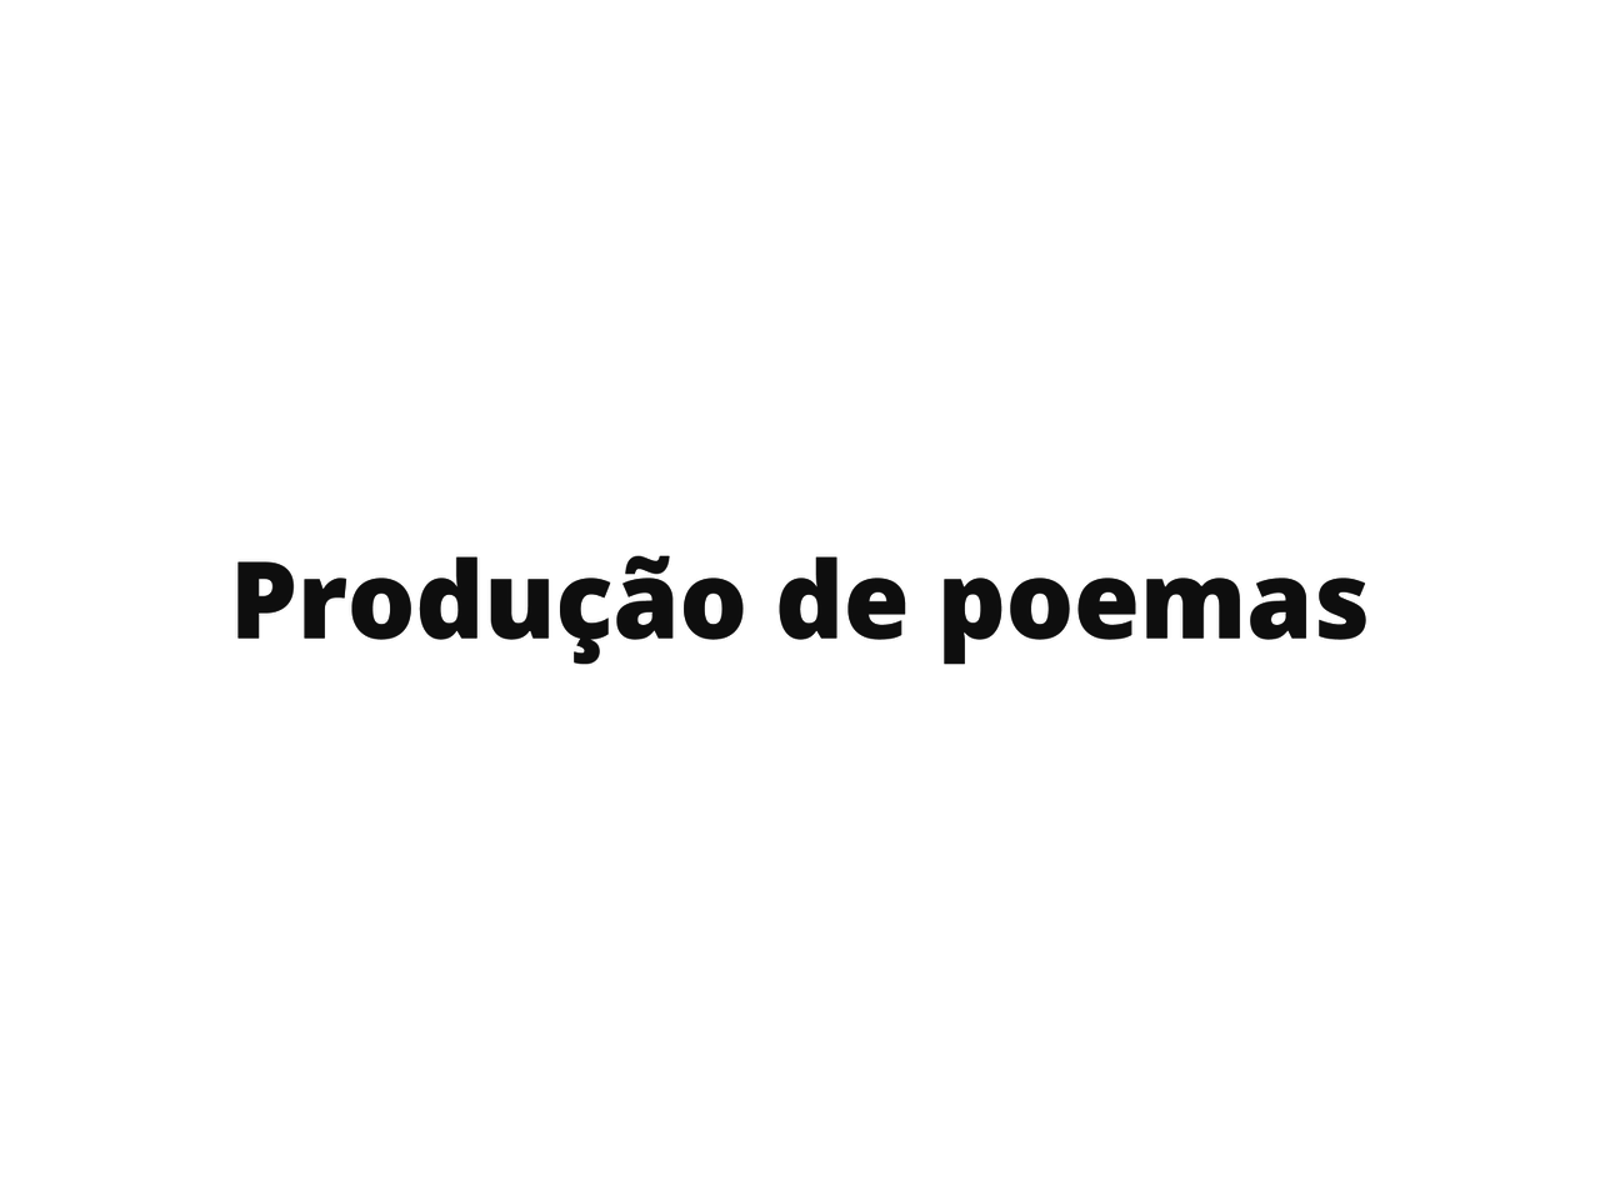 Produção de poemas de forma fixa e livre